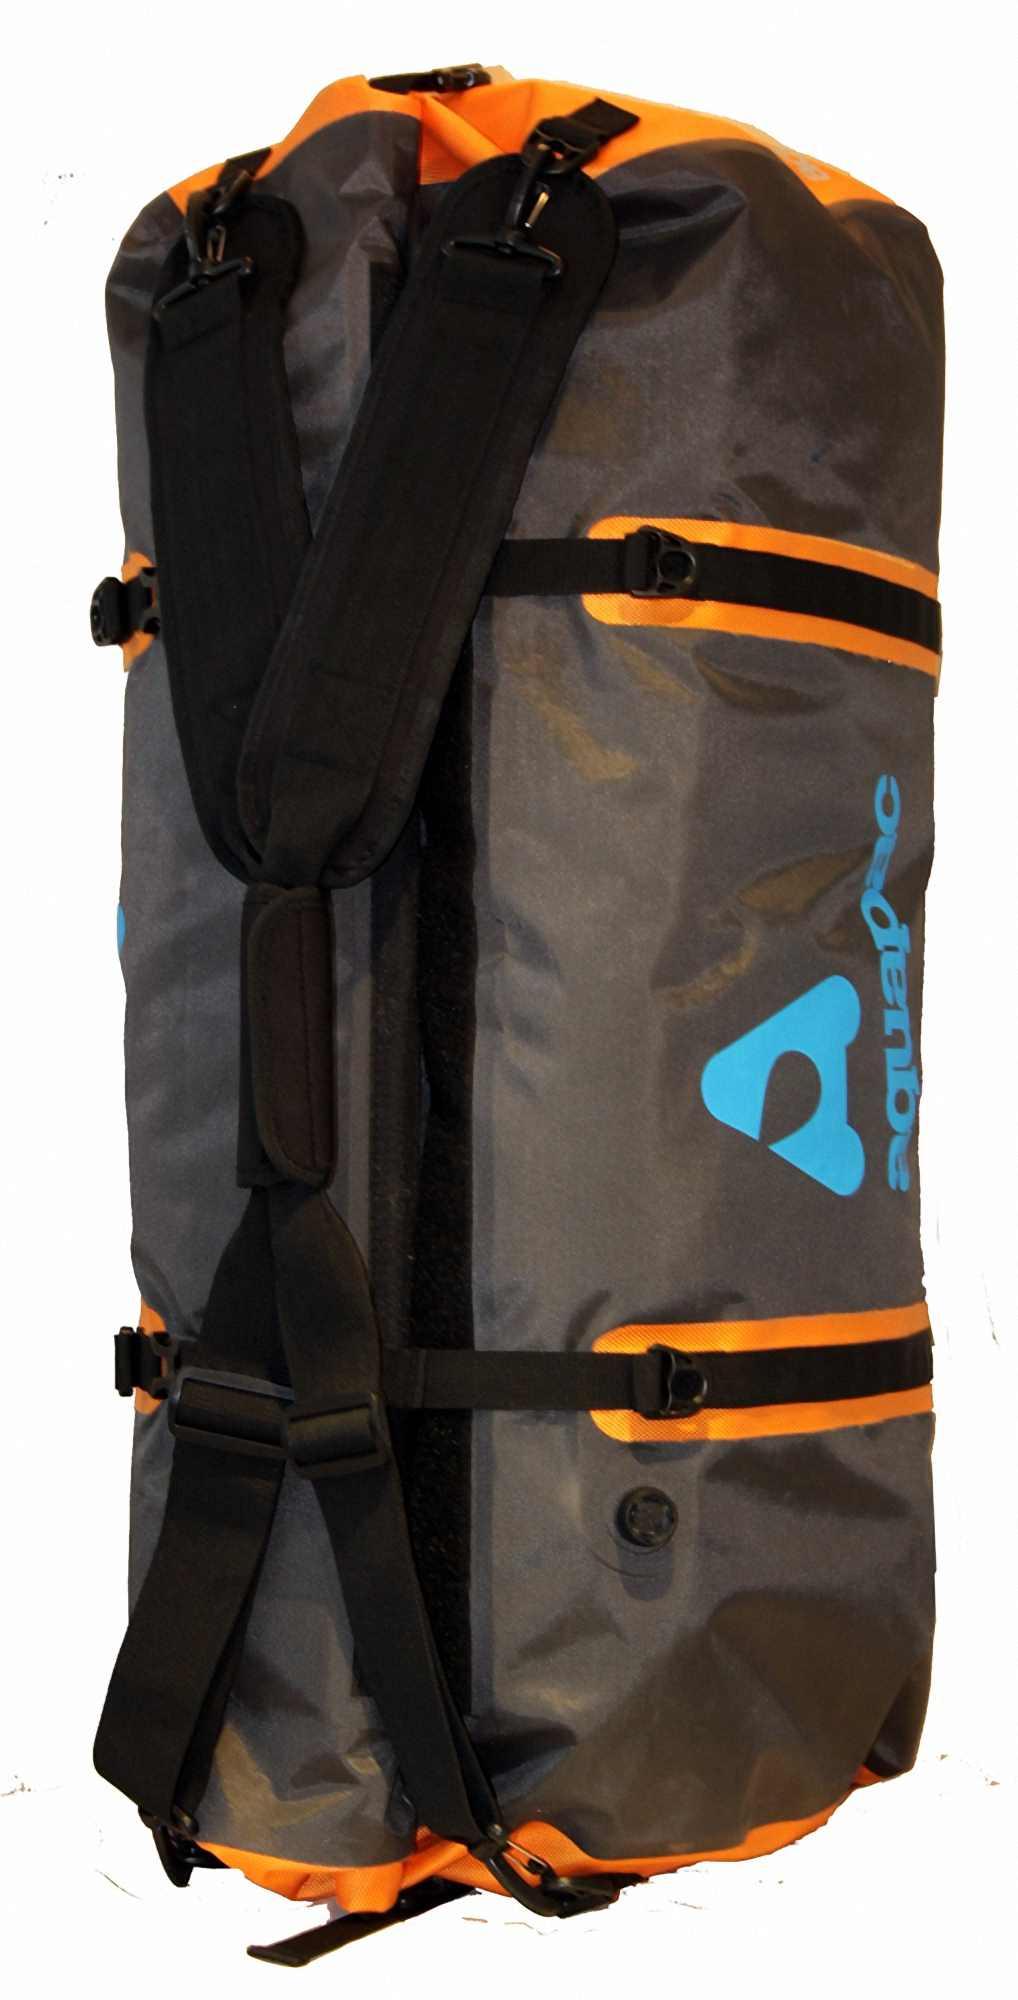 Водонепроницаемая сумка-рюкзак Aquapac 705 - Upano Waterproof Duffel - 90L.. Aquapac - №1 в мире водонепроницаемых чехлов и сумок. Фото 10